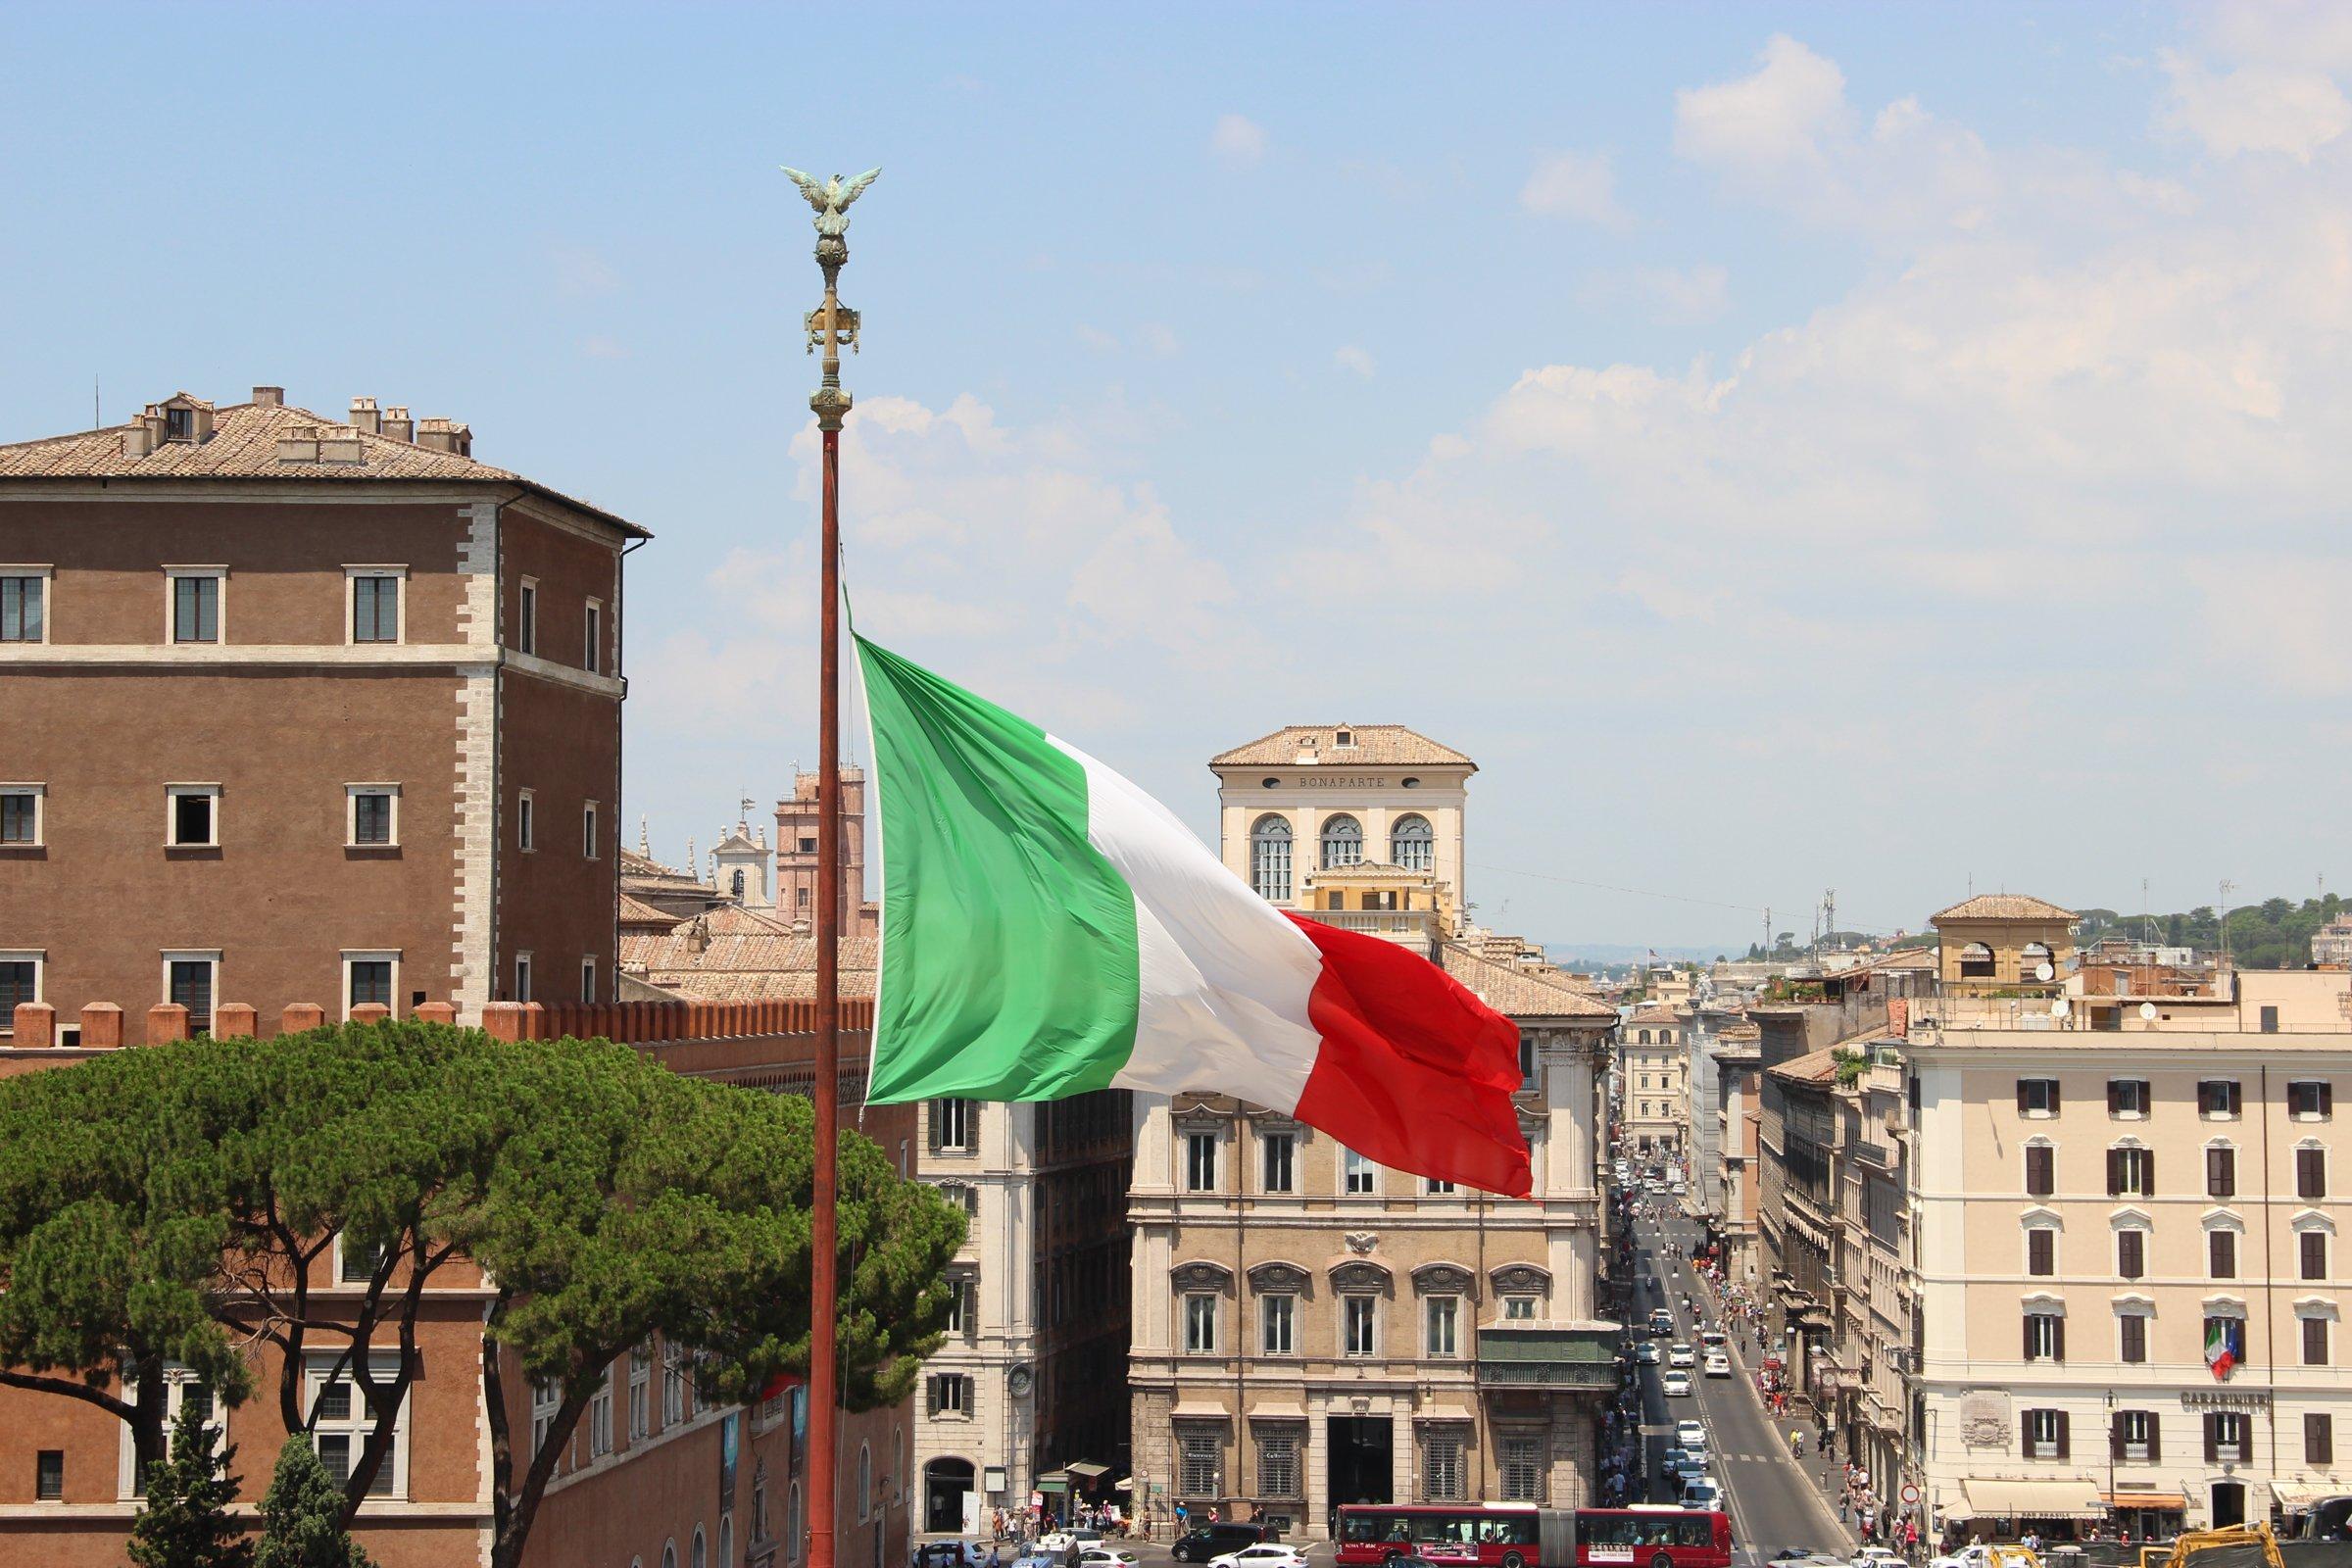 Italian Flag Over City